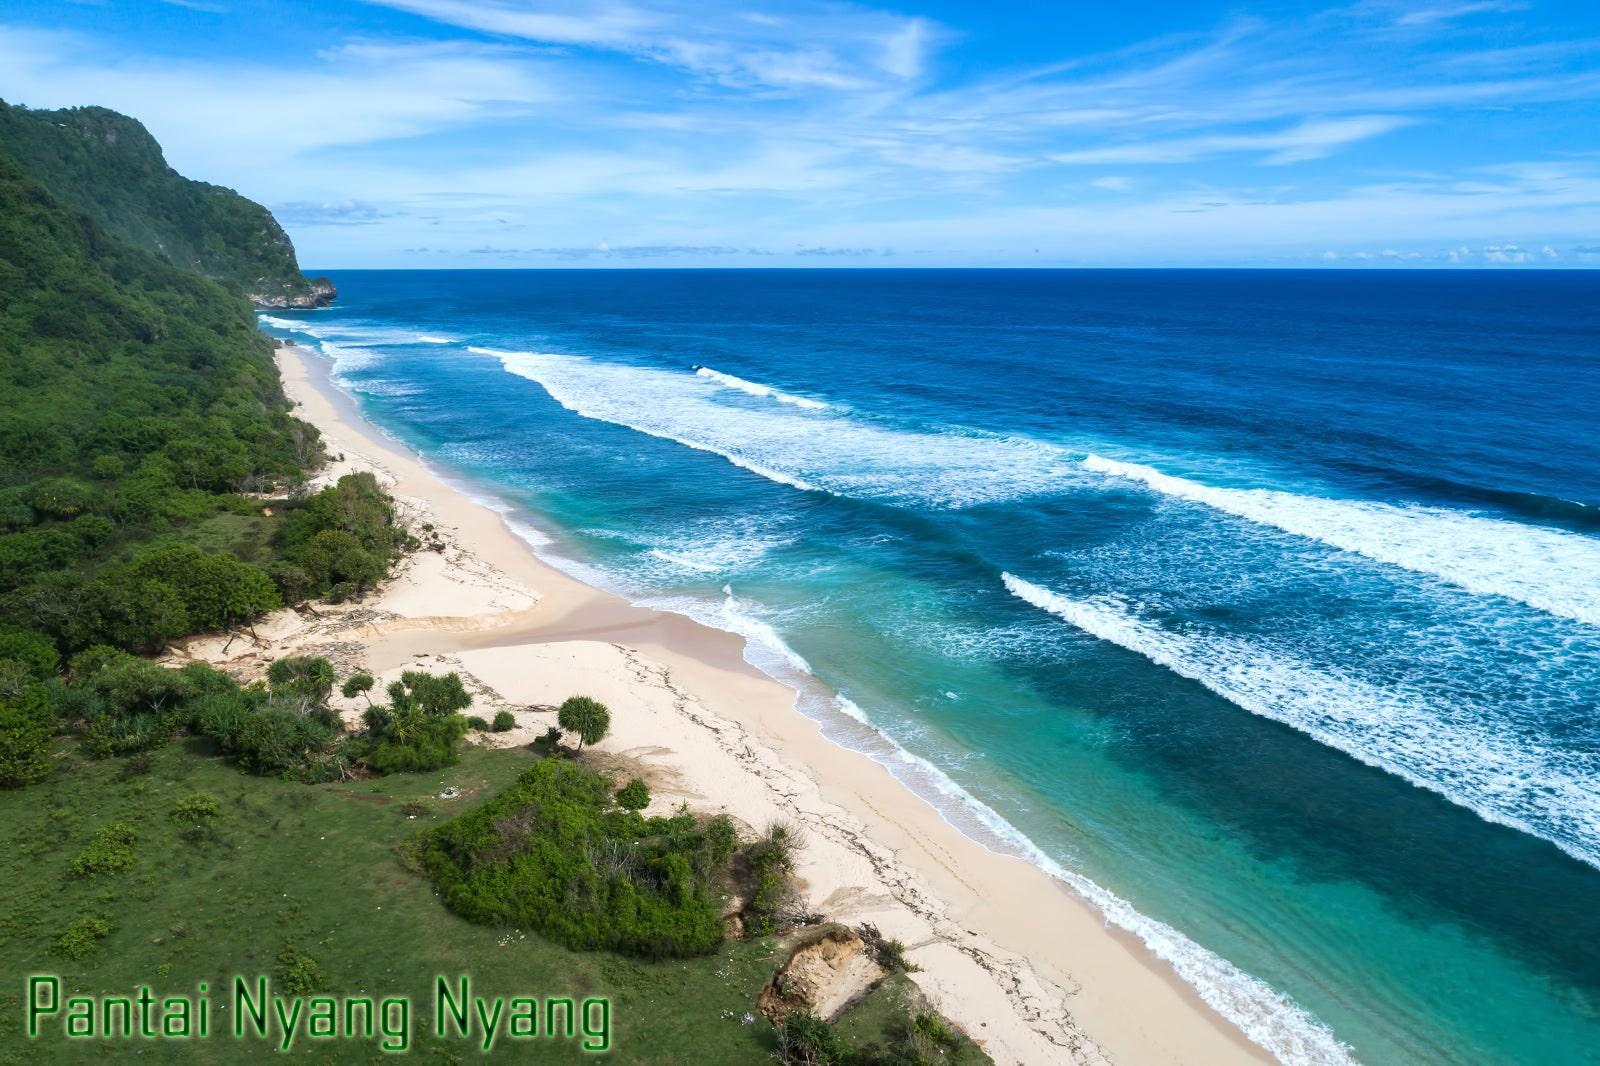 Rekomendasi Pantai Bali Terbaik 2021